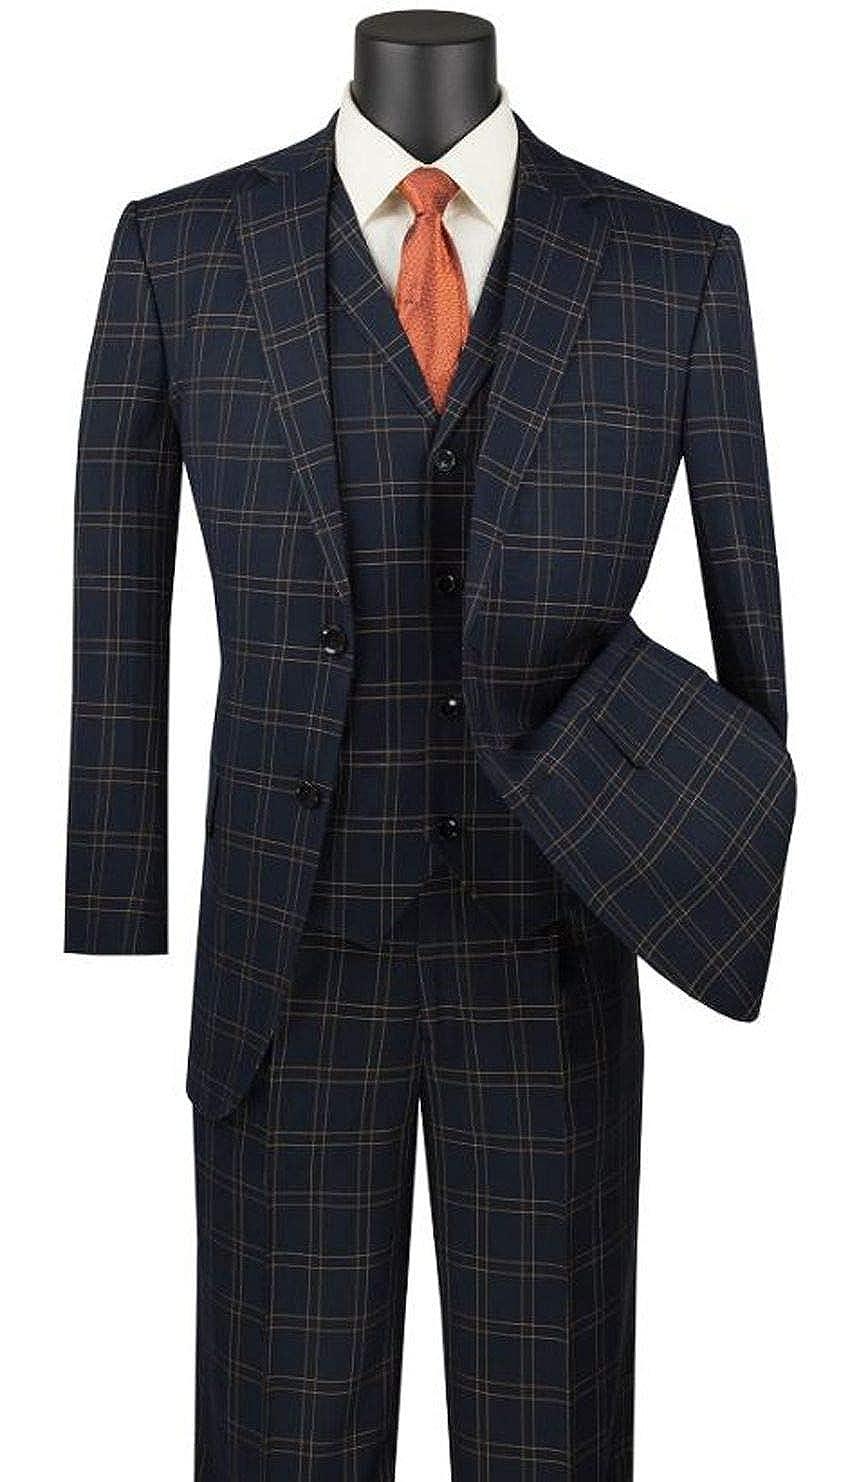 Men's Vintage Style Suits, Classic Suits VINCI Mens Glen Plaid Pattern 2 Button Single Breasted Classic Fit Suit W/Vest V2PD-1 $130.99 AT vintagedancer.com